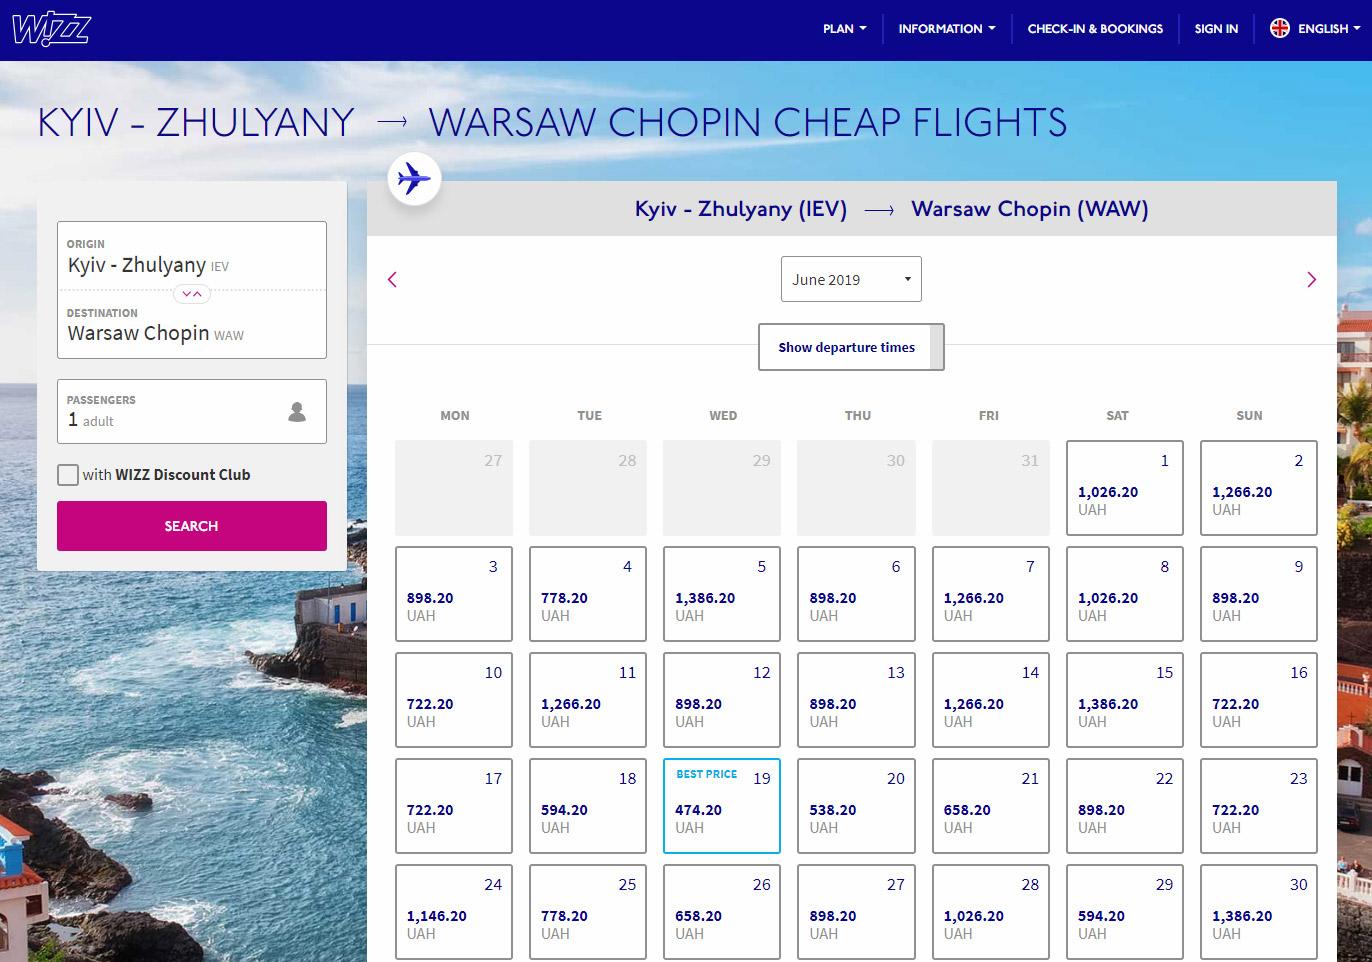 Календарь цен на сайте Wizz Air